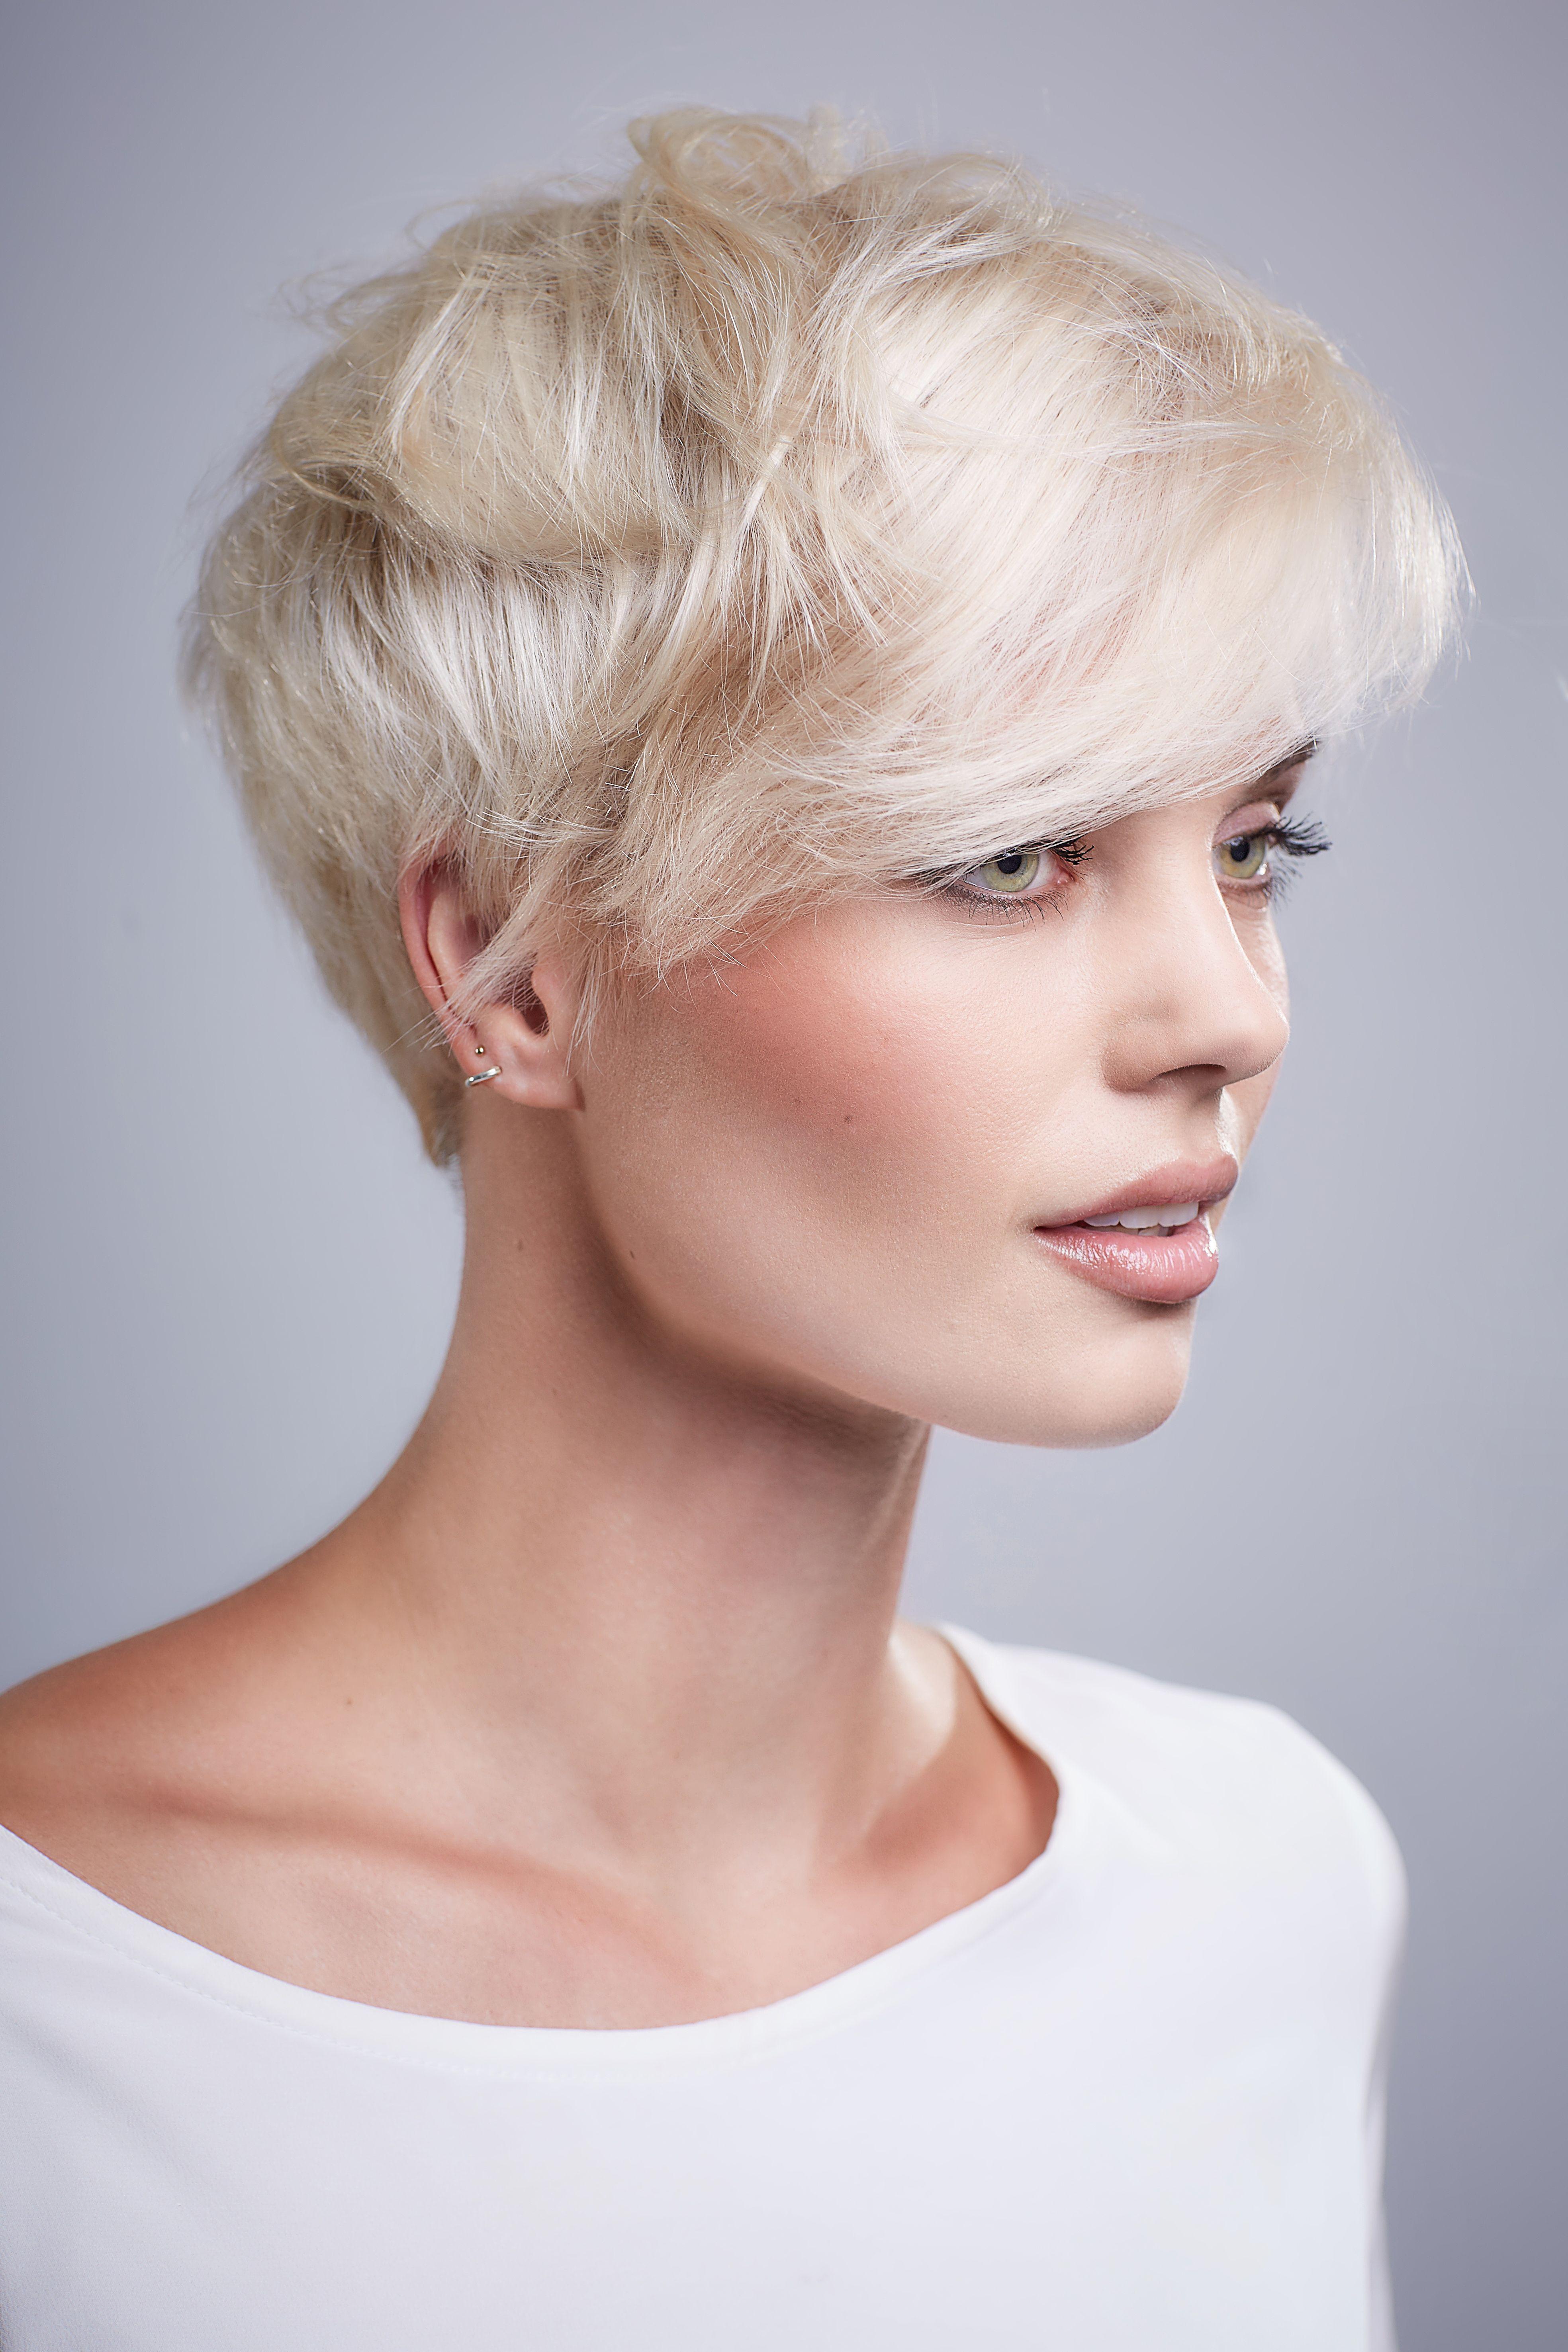 Finde Aktuelle Frauen Frisuren Kurzhaar Jetzt Auf Www My Hair And Me